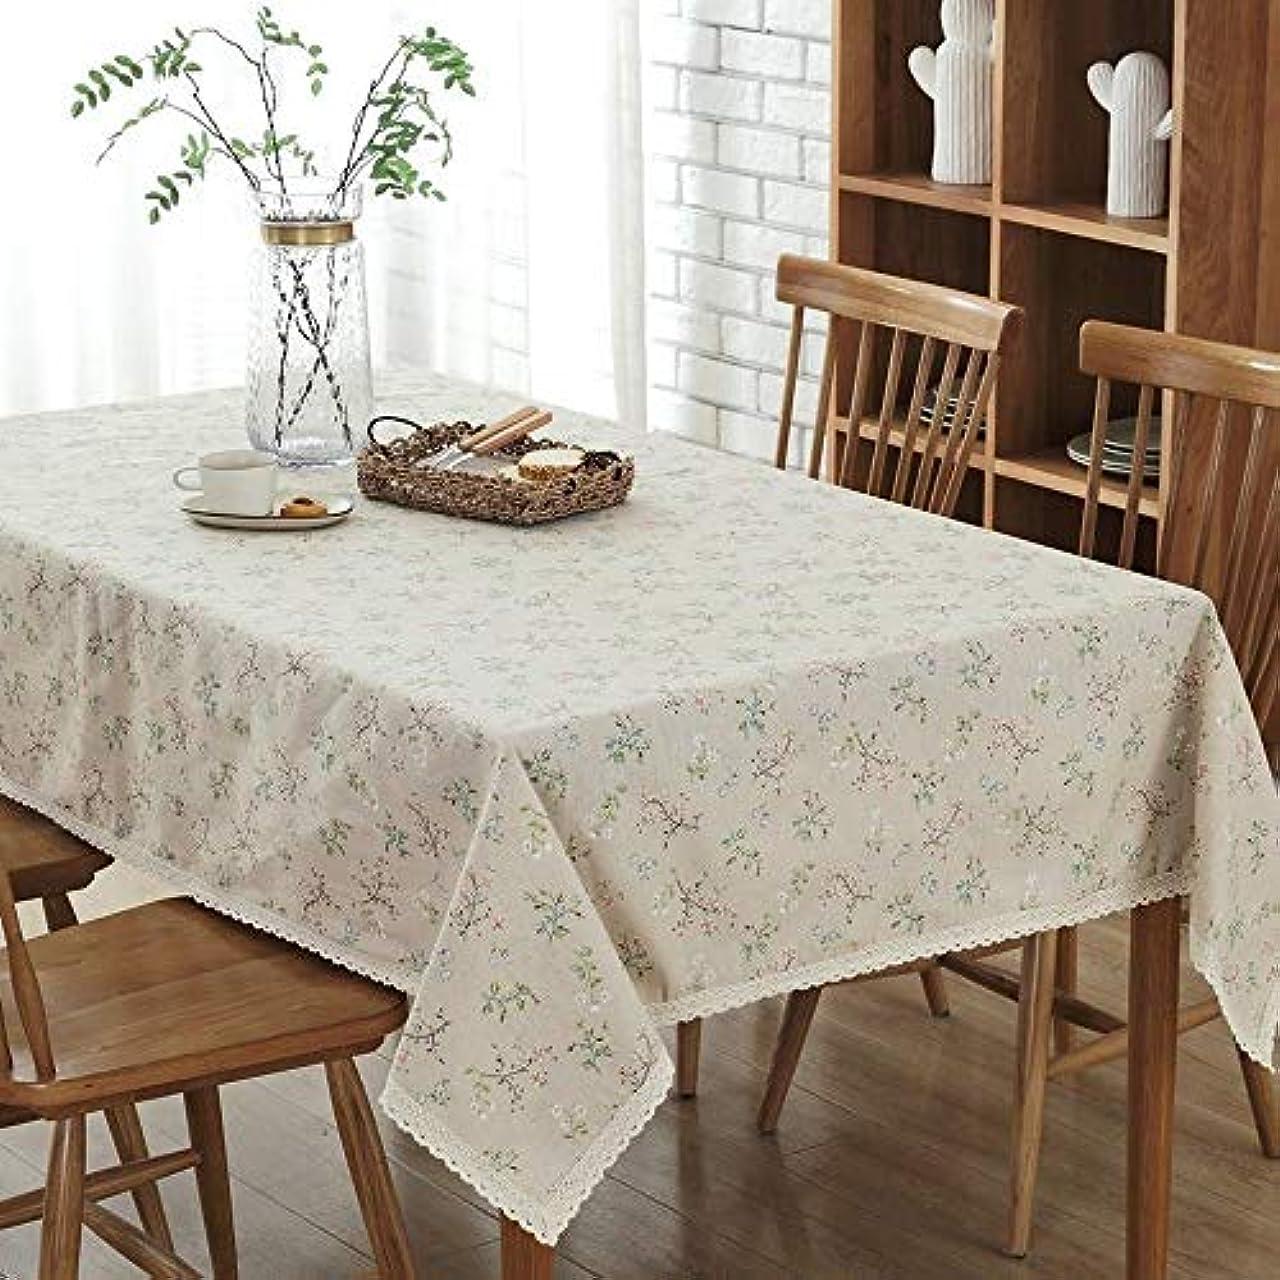 デコレーション評論家モノグラフテーブルクロス 新しい庭の新鮮なスタイルの綿と麻防塵テレビキャビネット布 (Color : Beige, Size : 140*220CM)